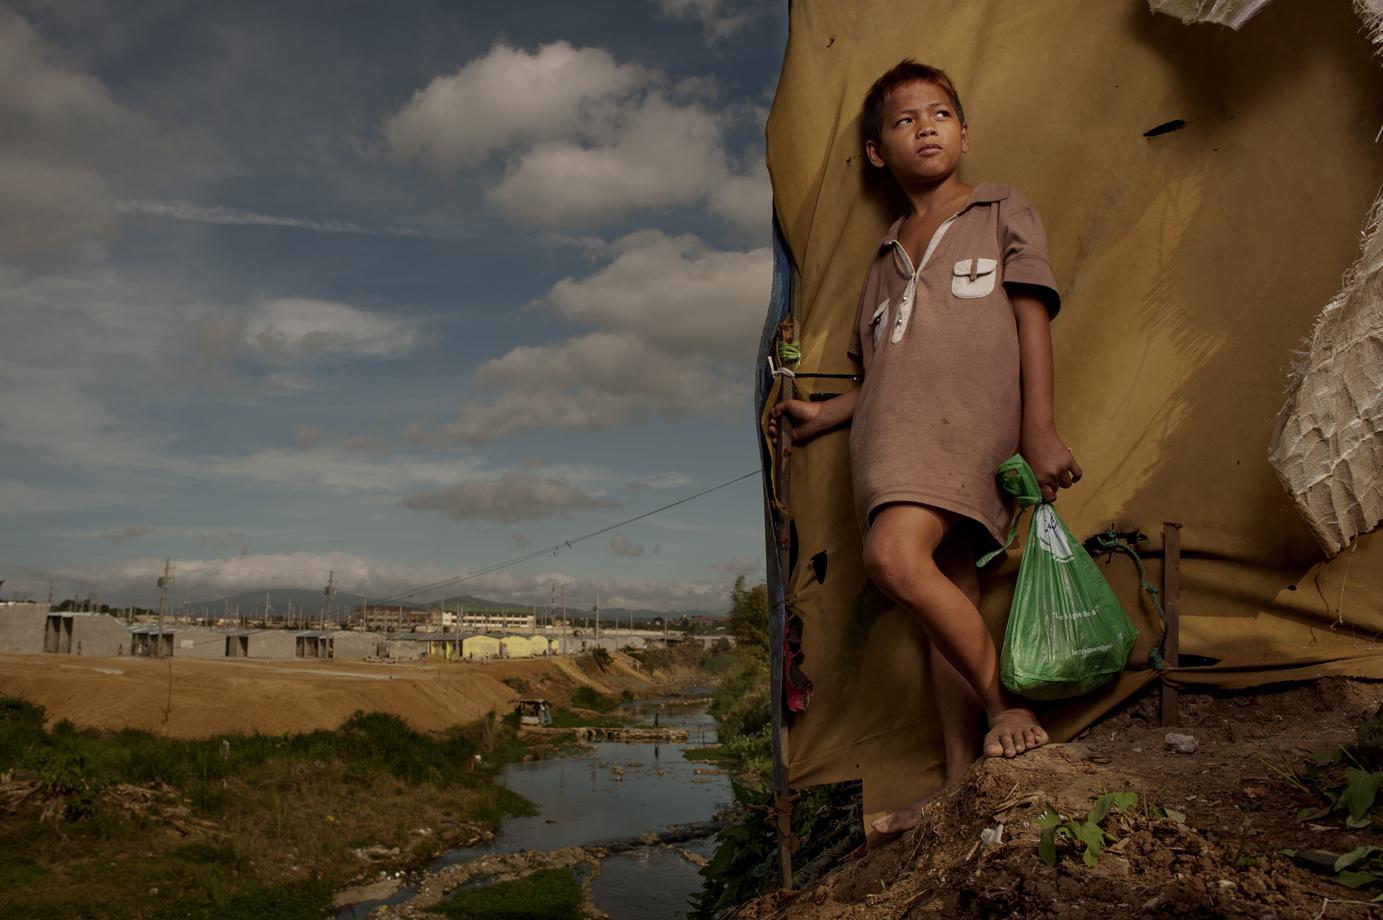 Street child in the slum of Quezon City, Manila / Philippine